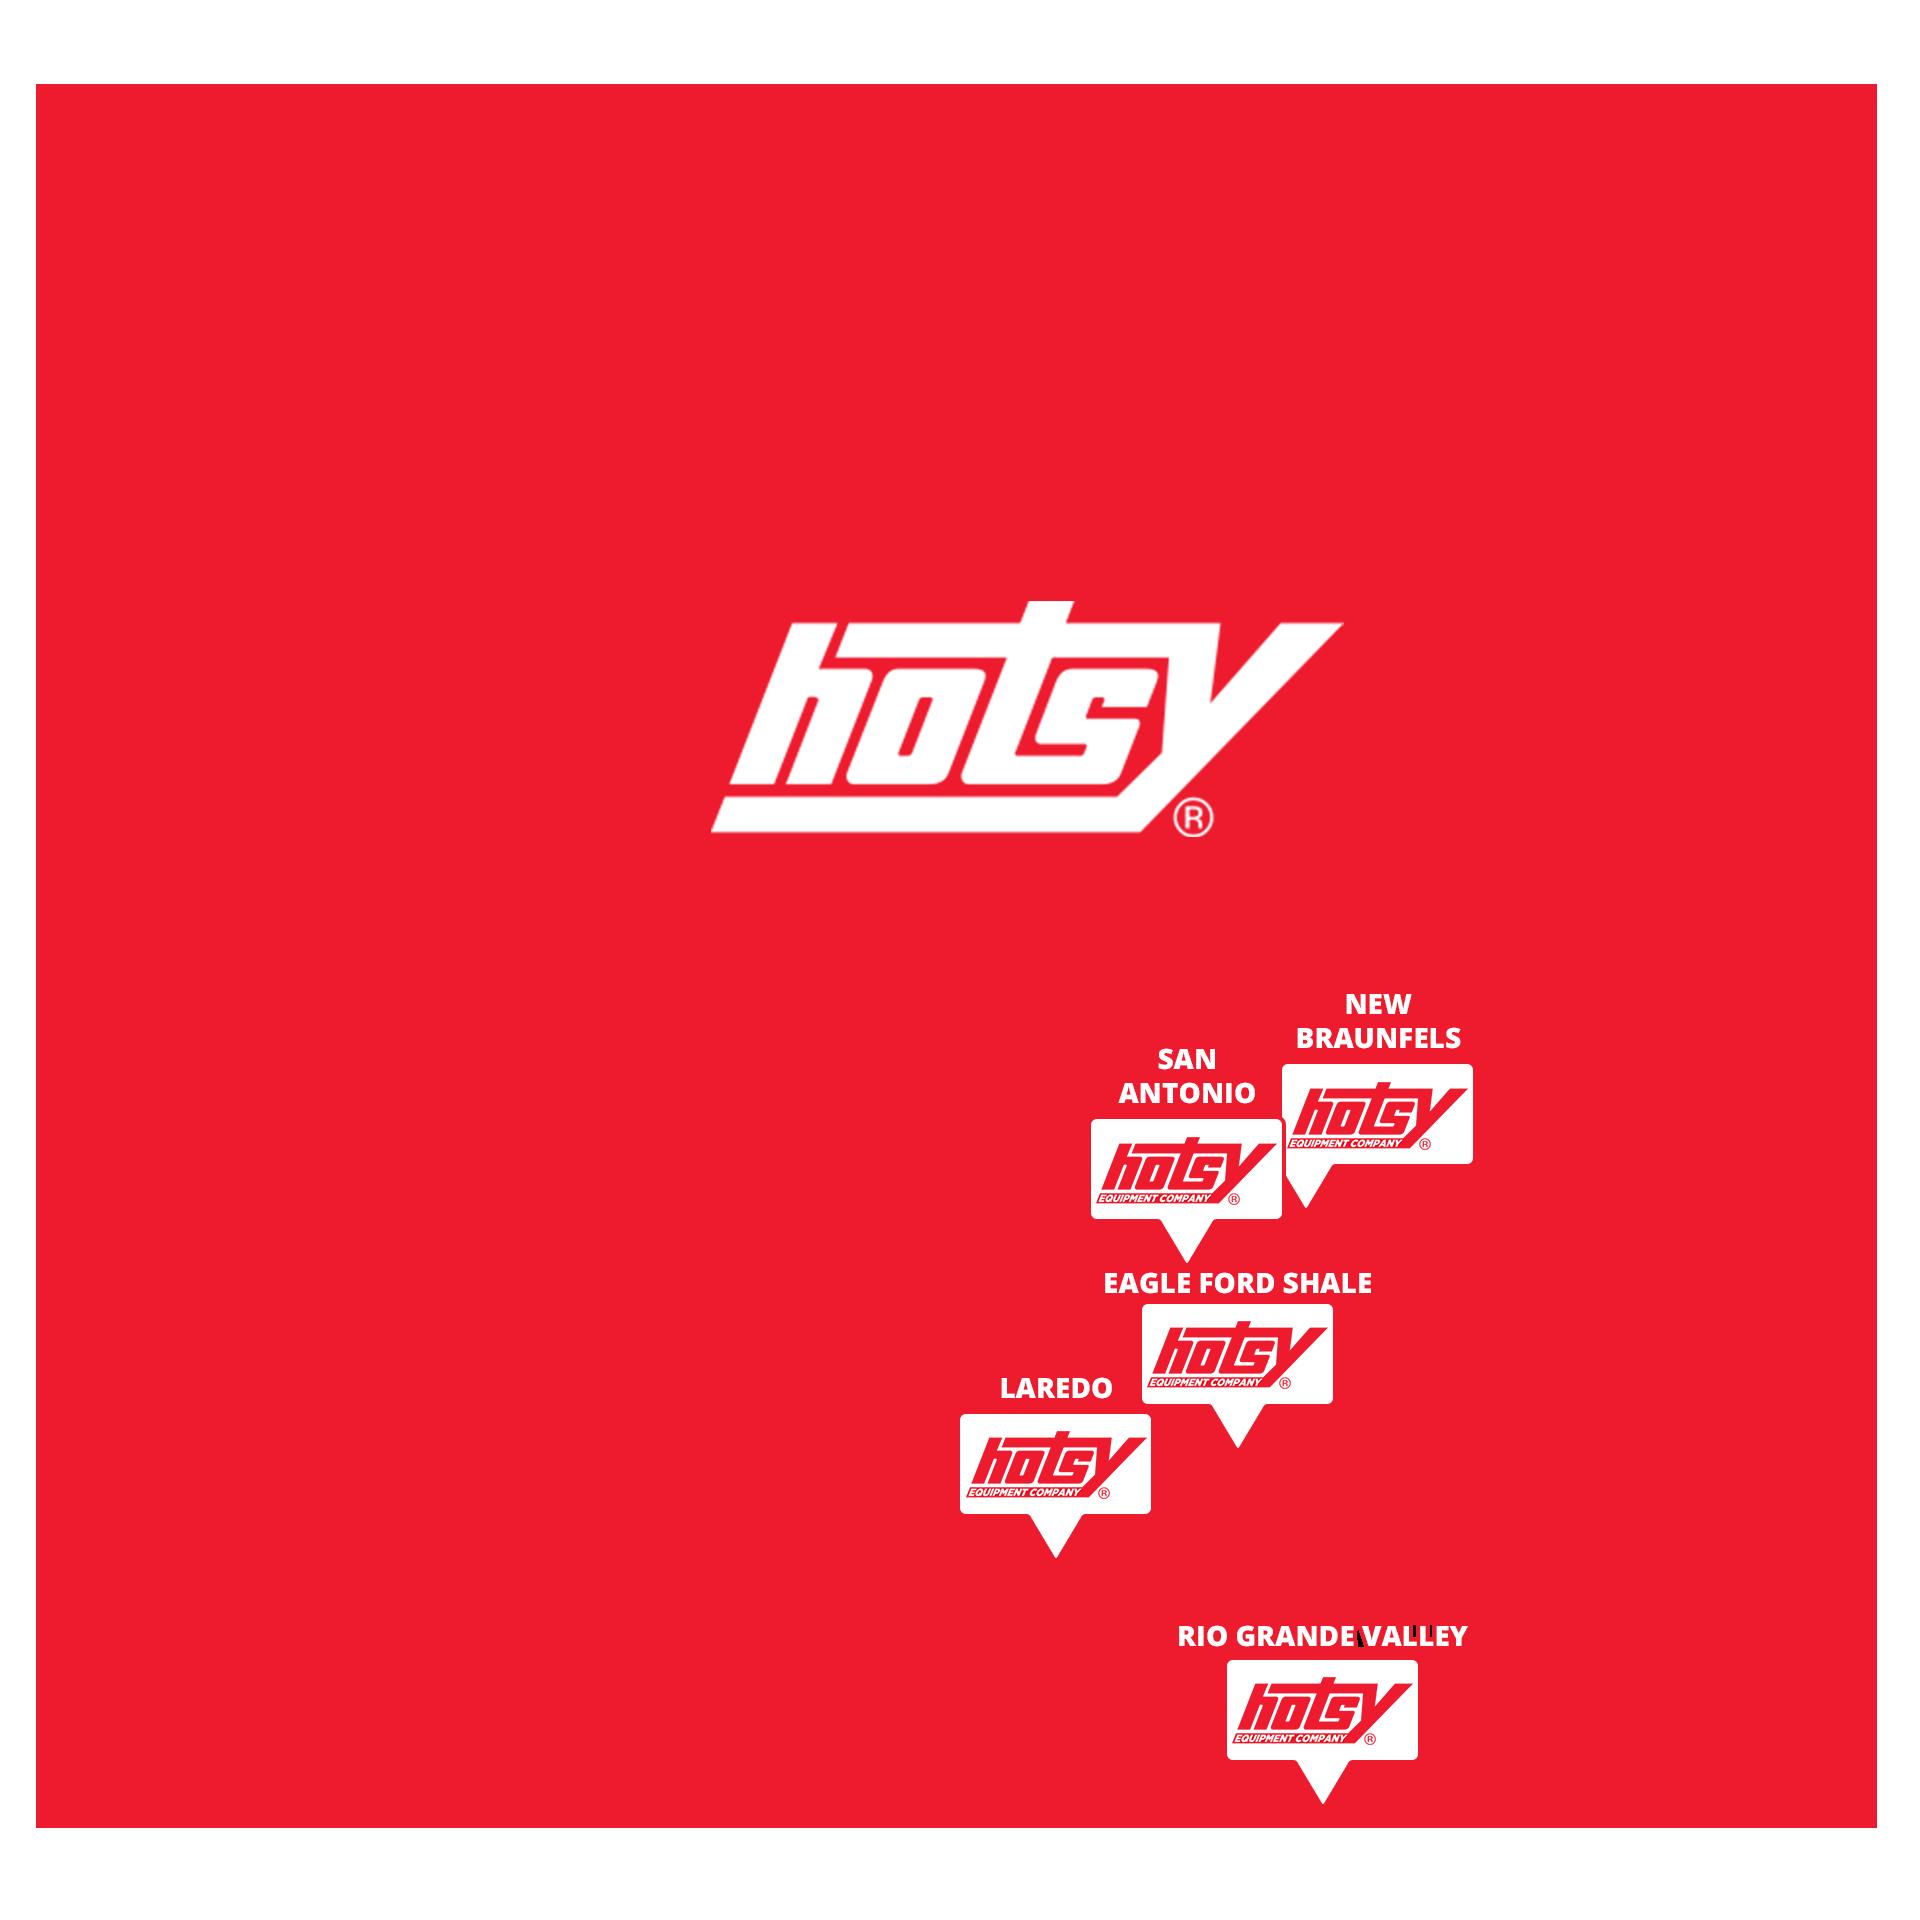 Texas Service Map | Hotsy Equipment Company